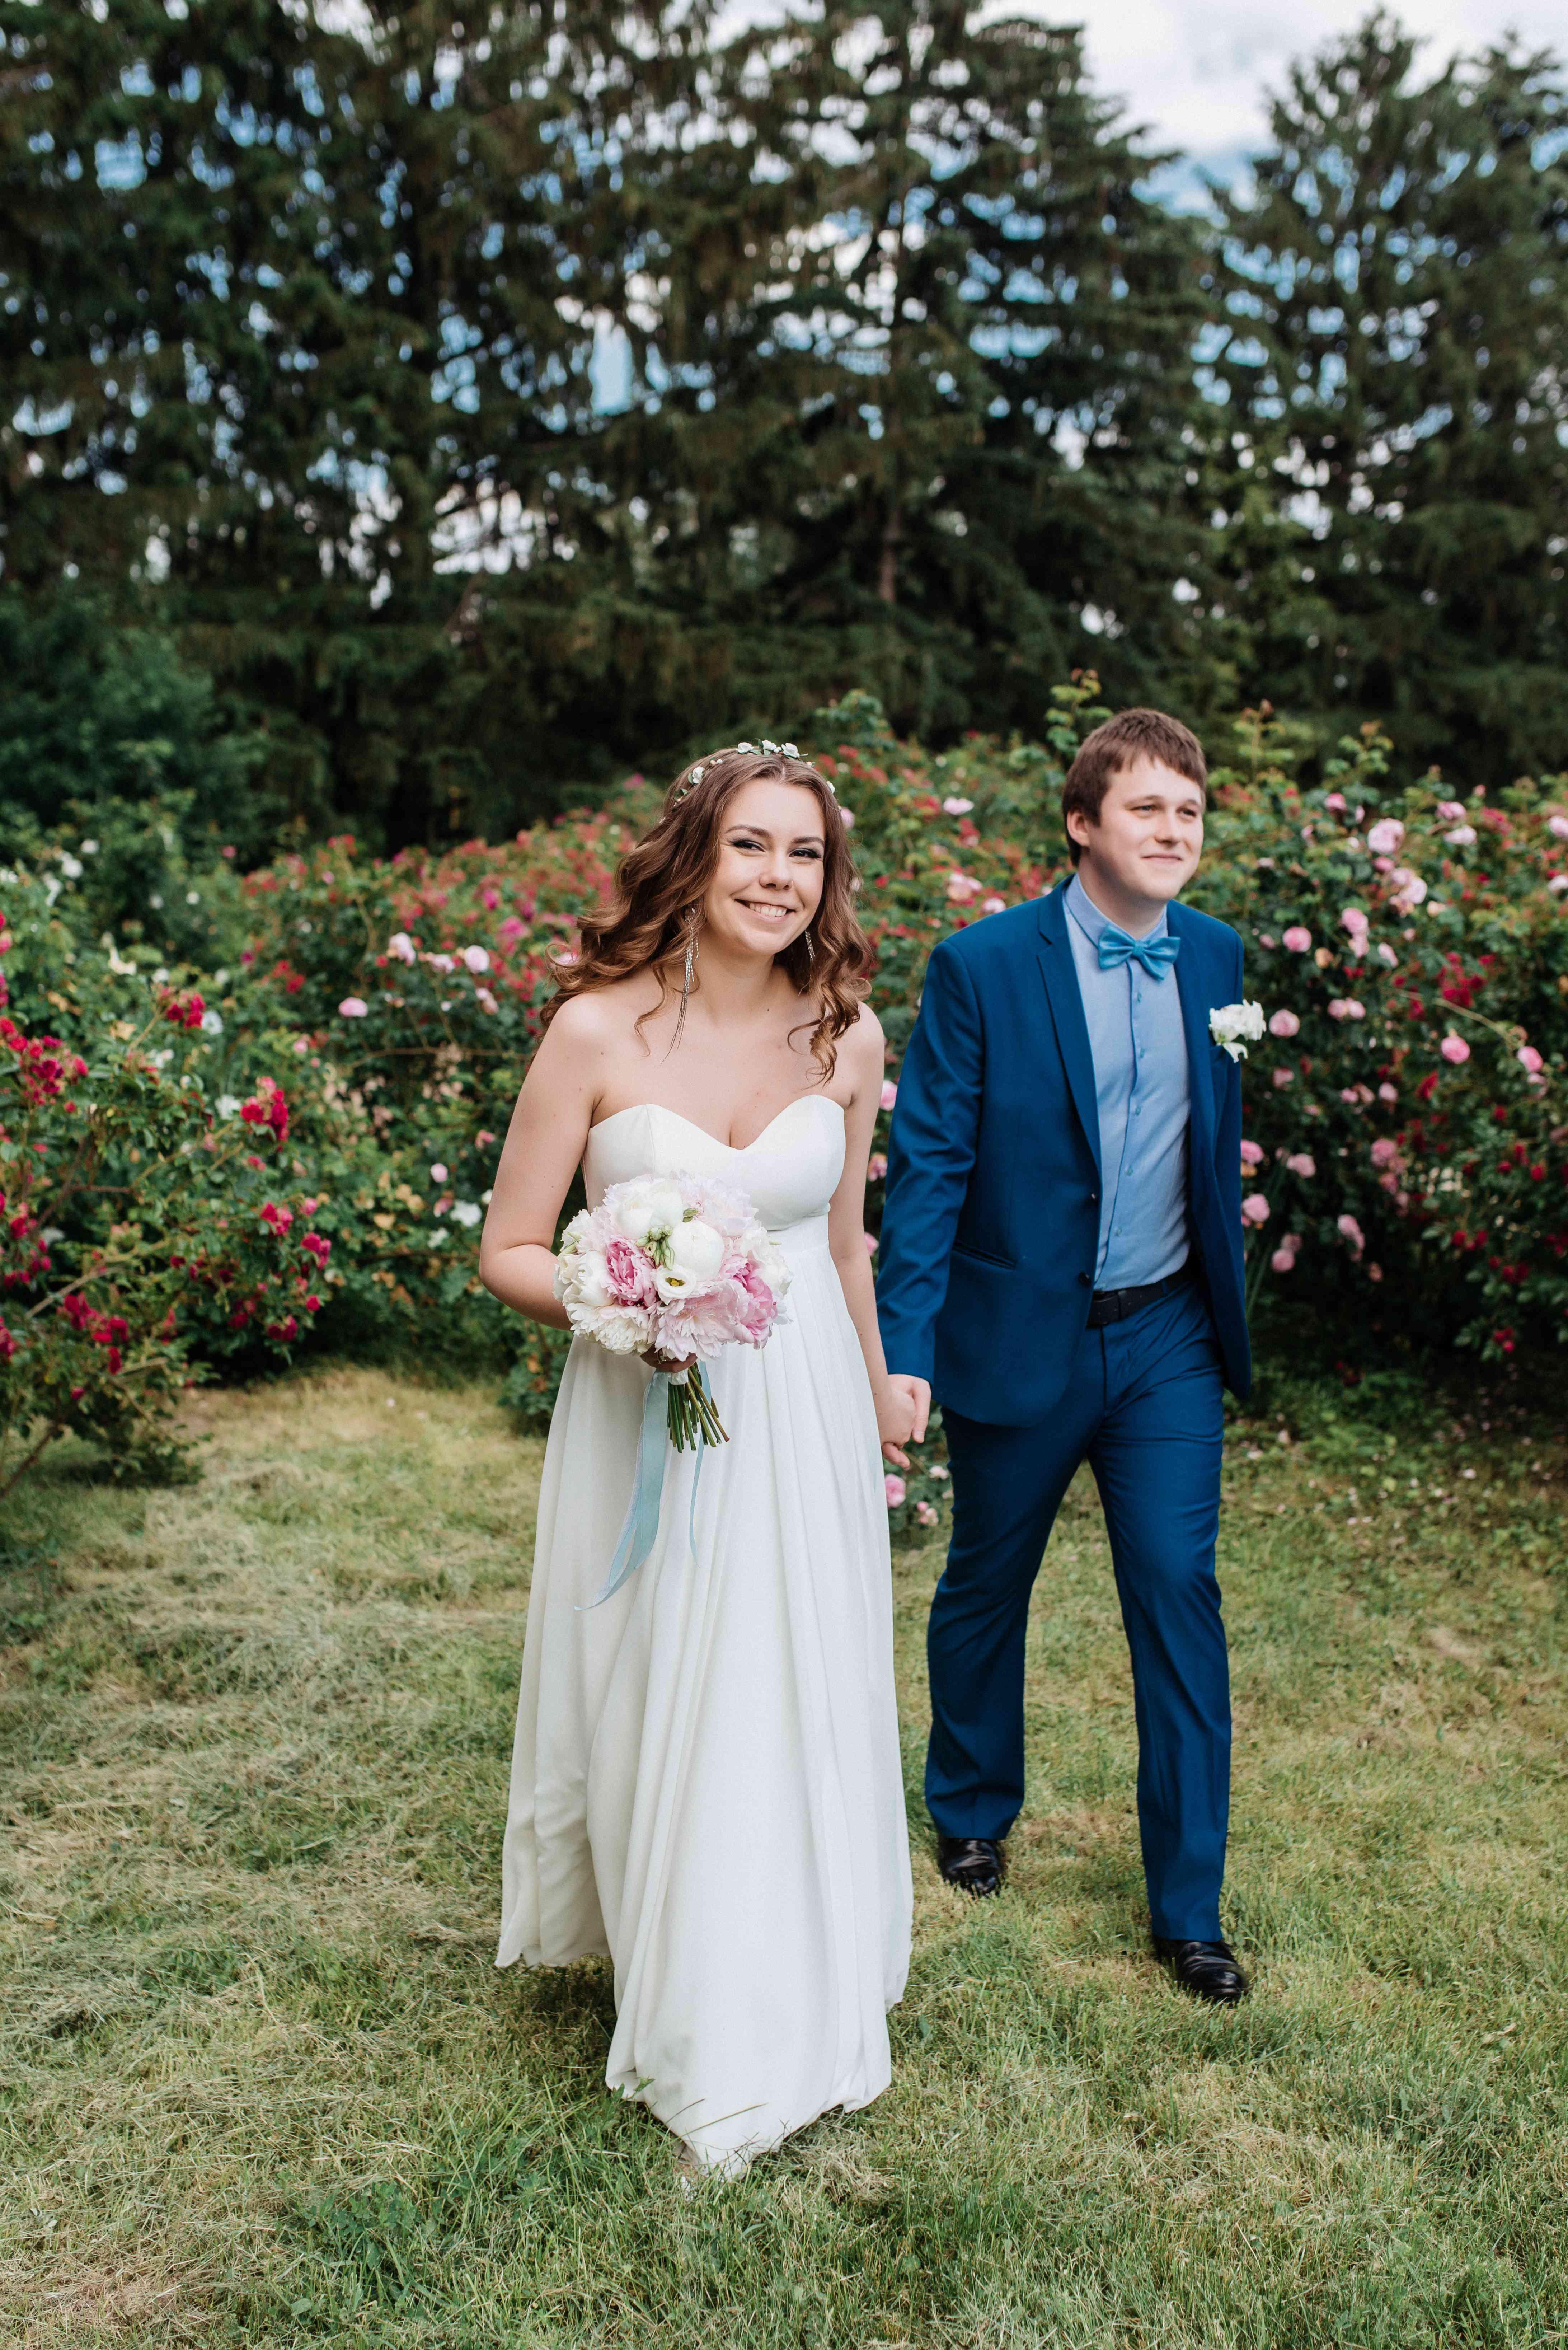 свадебная прогулка в ботаническом